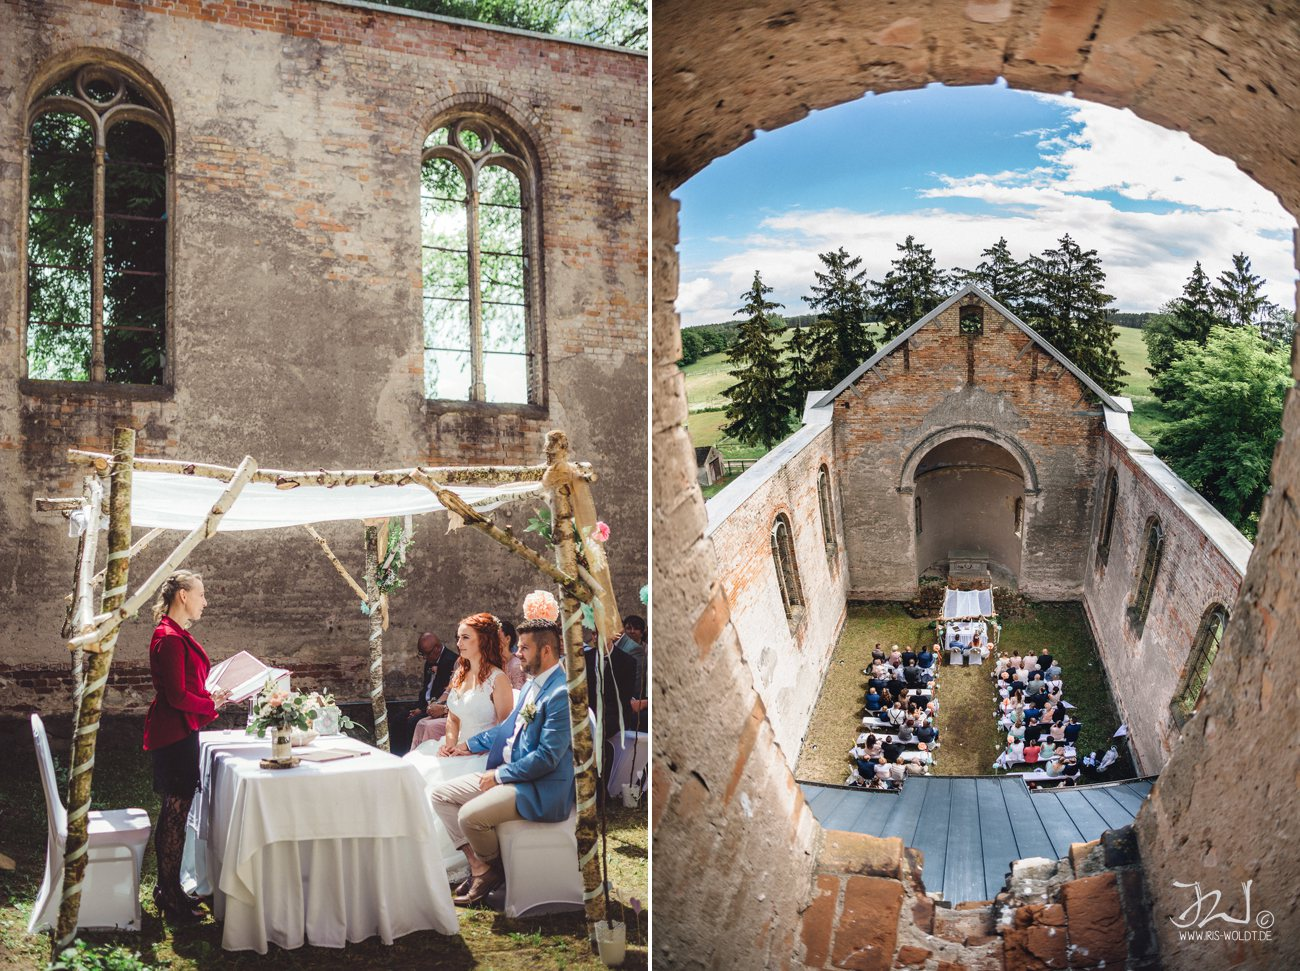 Hochzeitsfotograf_Altthymen_MuehleTornow_IrisWoldt 42